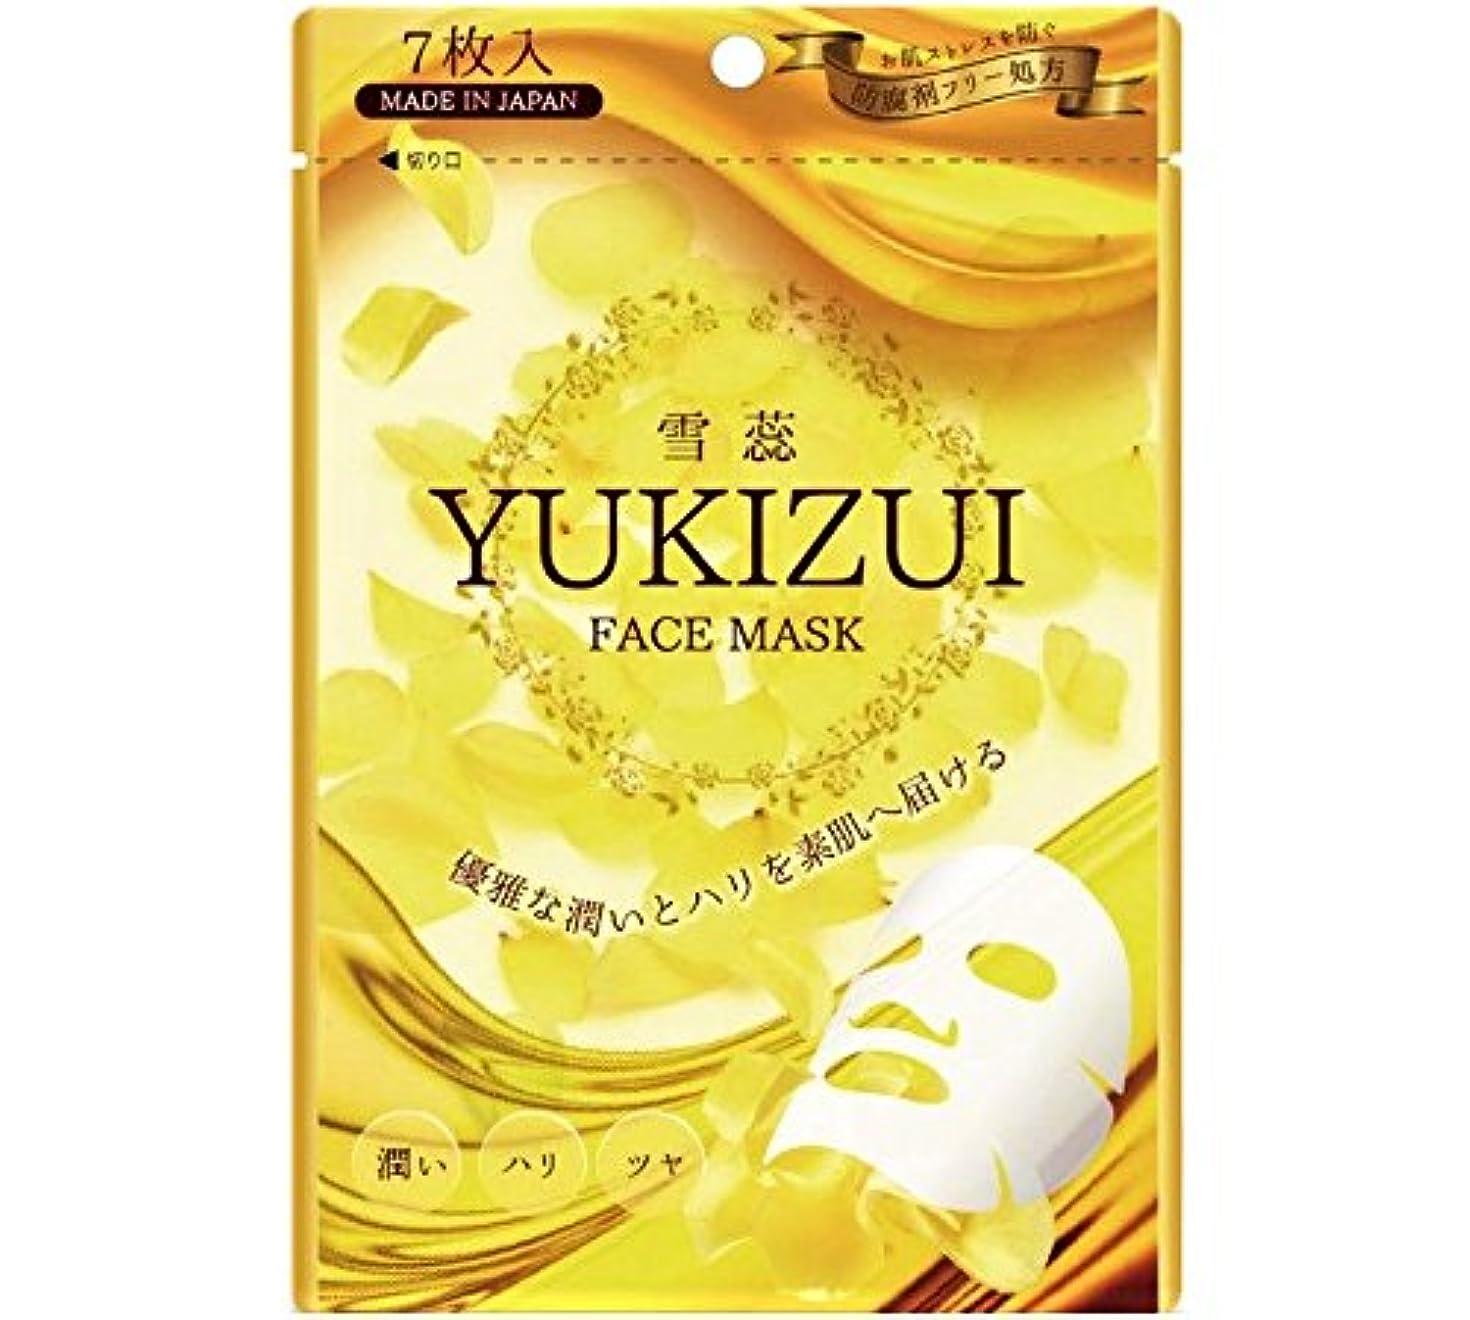 感嘆芝生相対サイズ雪蕊 YUKIZUI フェイスマスク 防腐剤フリー 天然コットン使用でふんわり密着感 7枚入